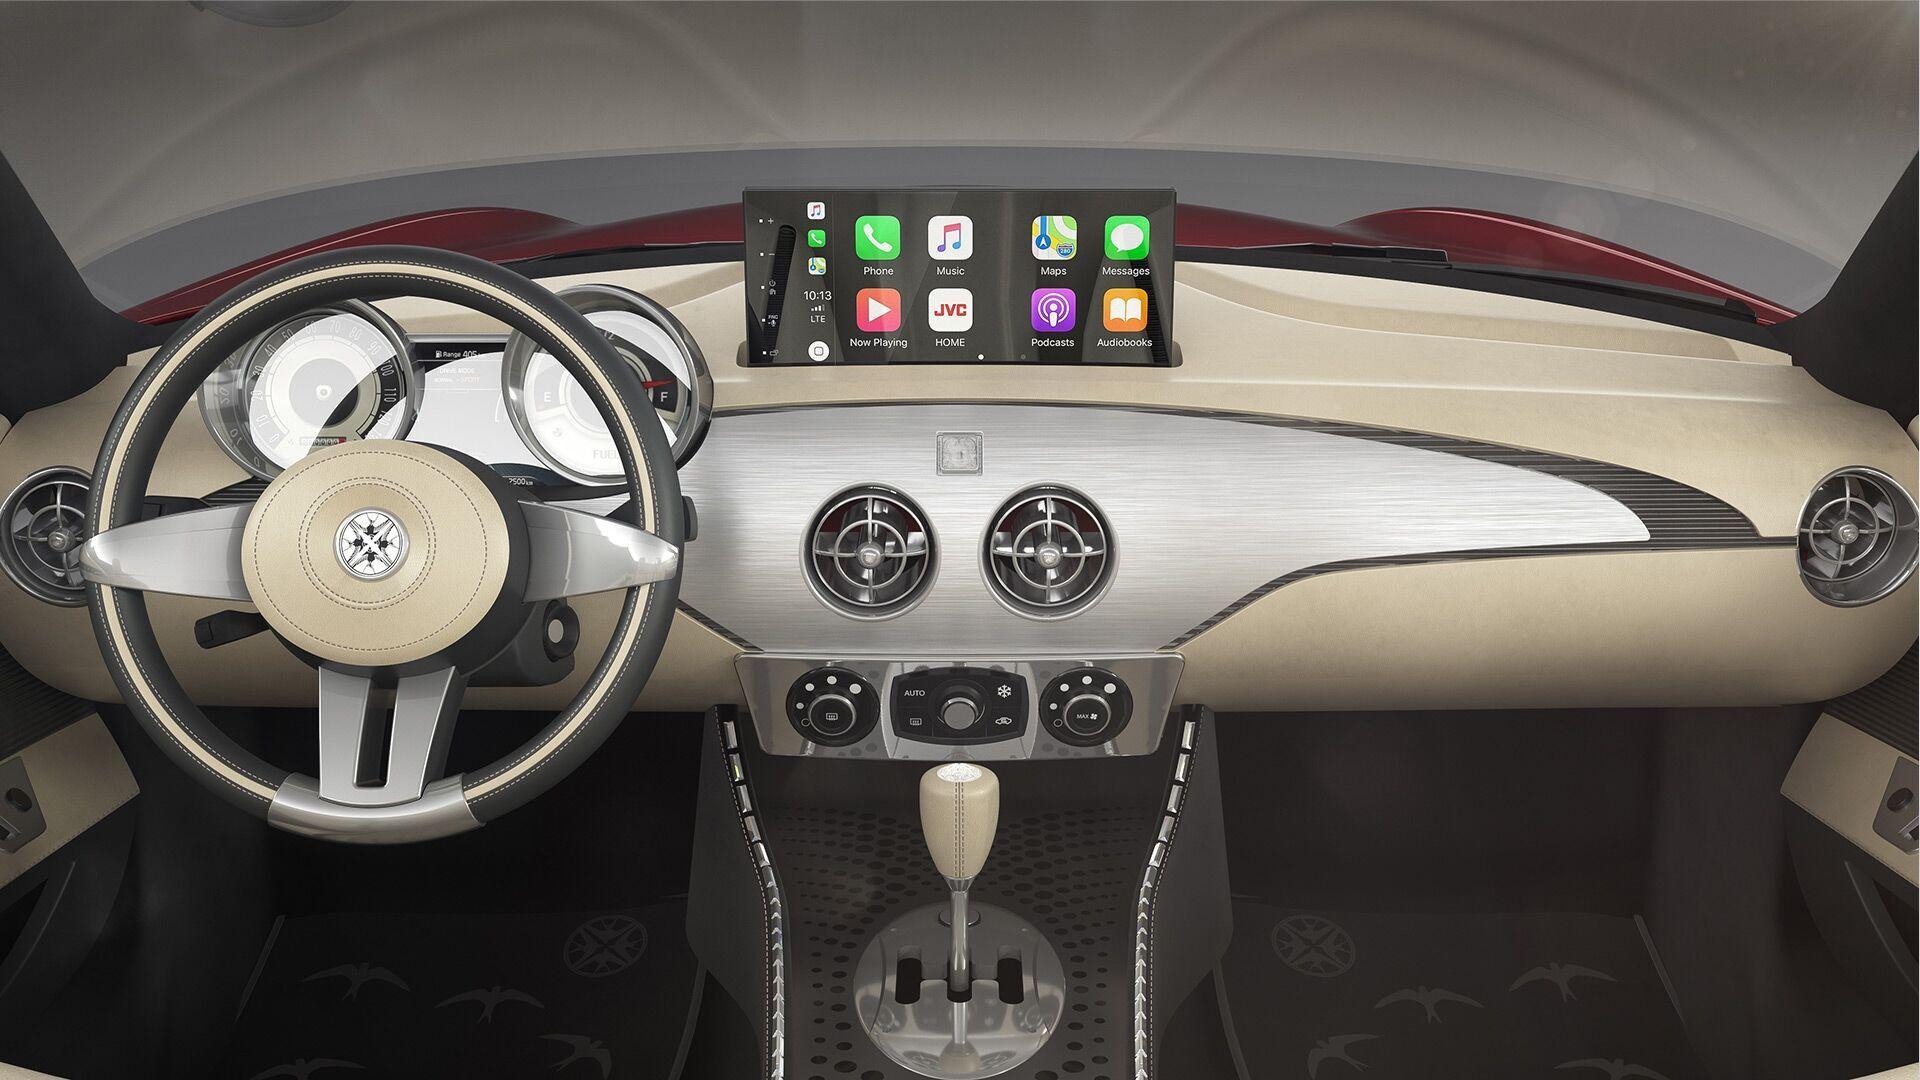 Незважаючи на стиль ретро, автомобіль отримав сучасну інфо-розважальну систему з підтримкою смартфонів та доступом в інтернет